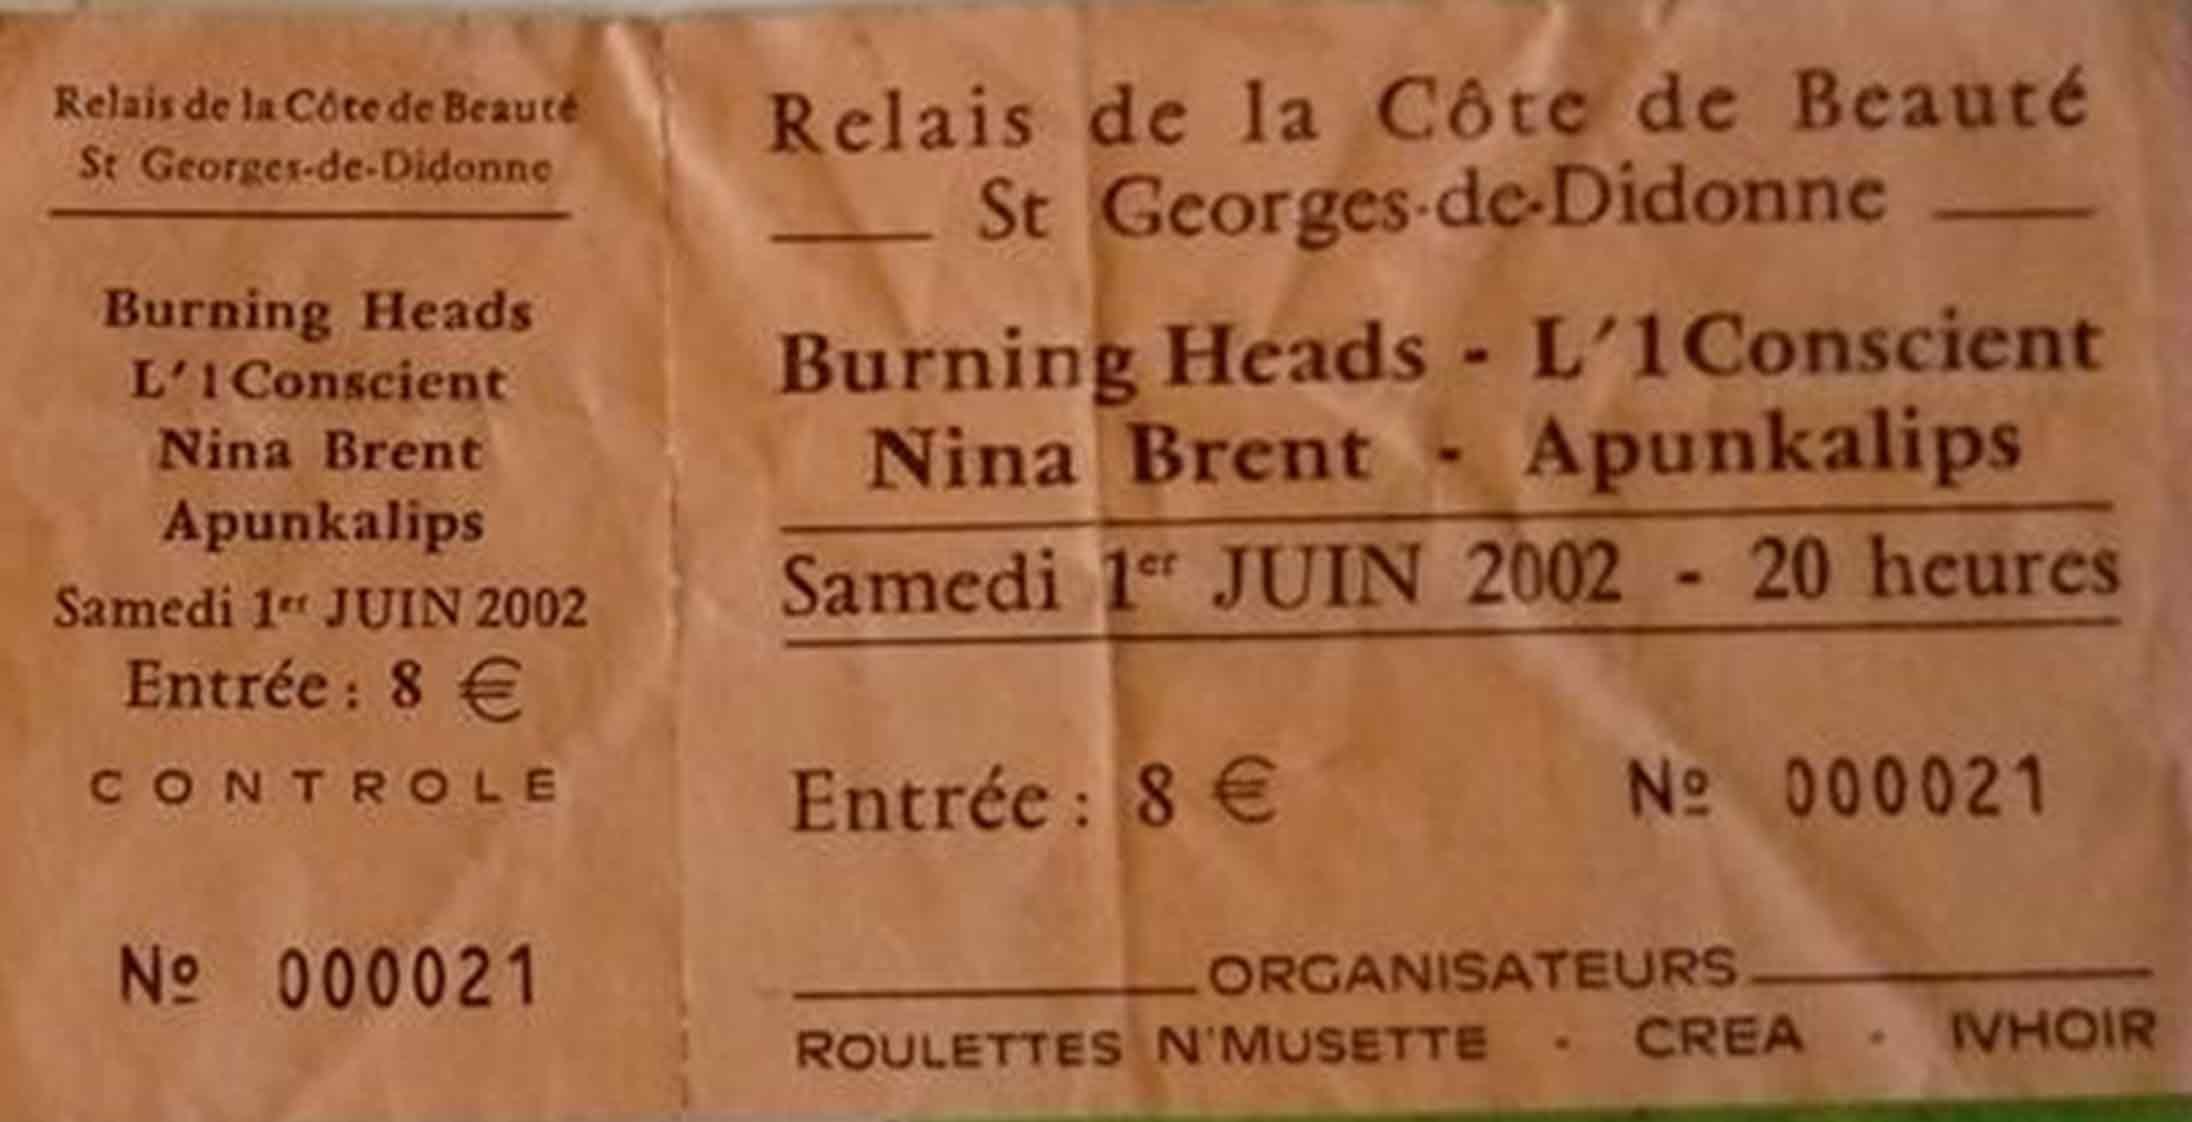 """1er juin 2002 Buning Heads, l'1Conscient, Nina Brent, apunkalips à Saint Georges de Didonne """"Relais de la Côte de Beauté"""""""